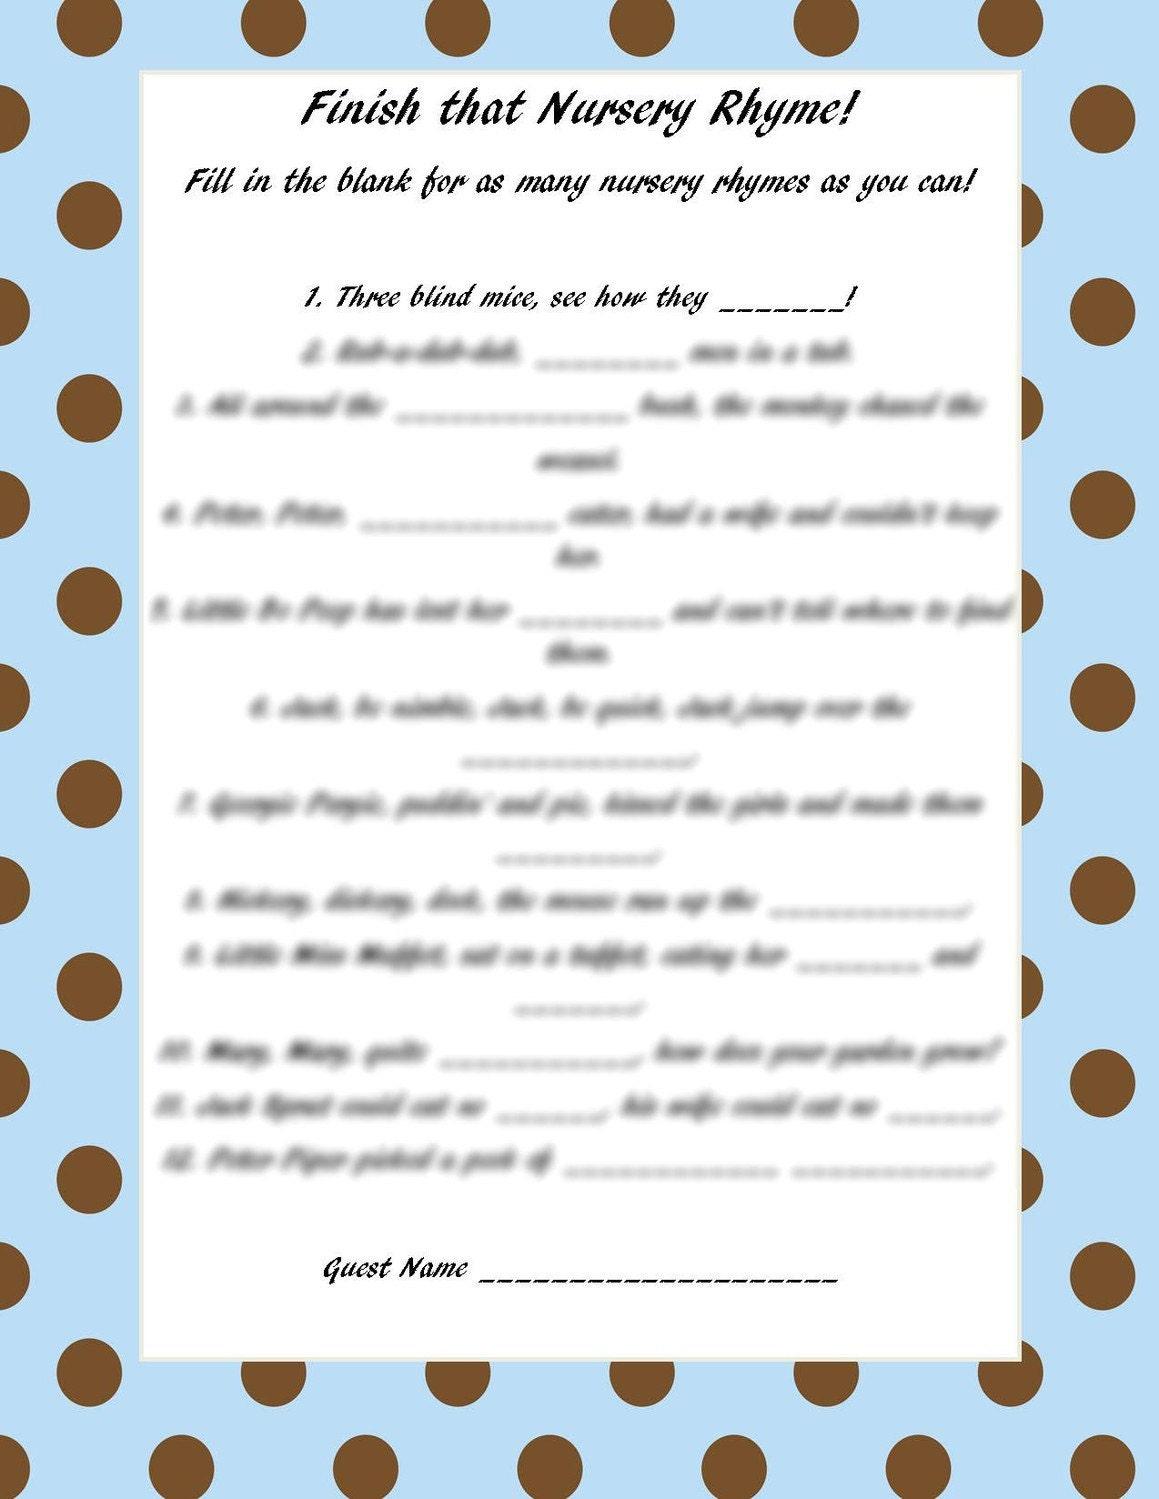 Finish that nursery rhyme blue brown polka by craftygirlcreationz